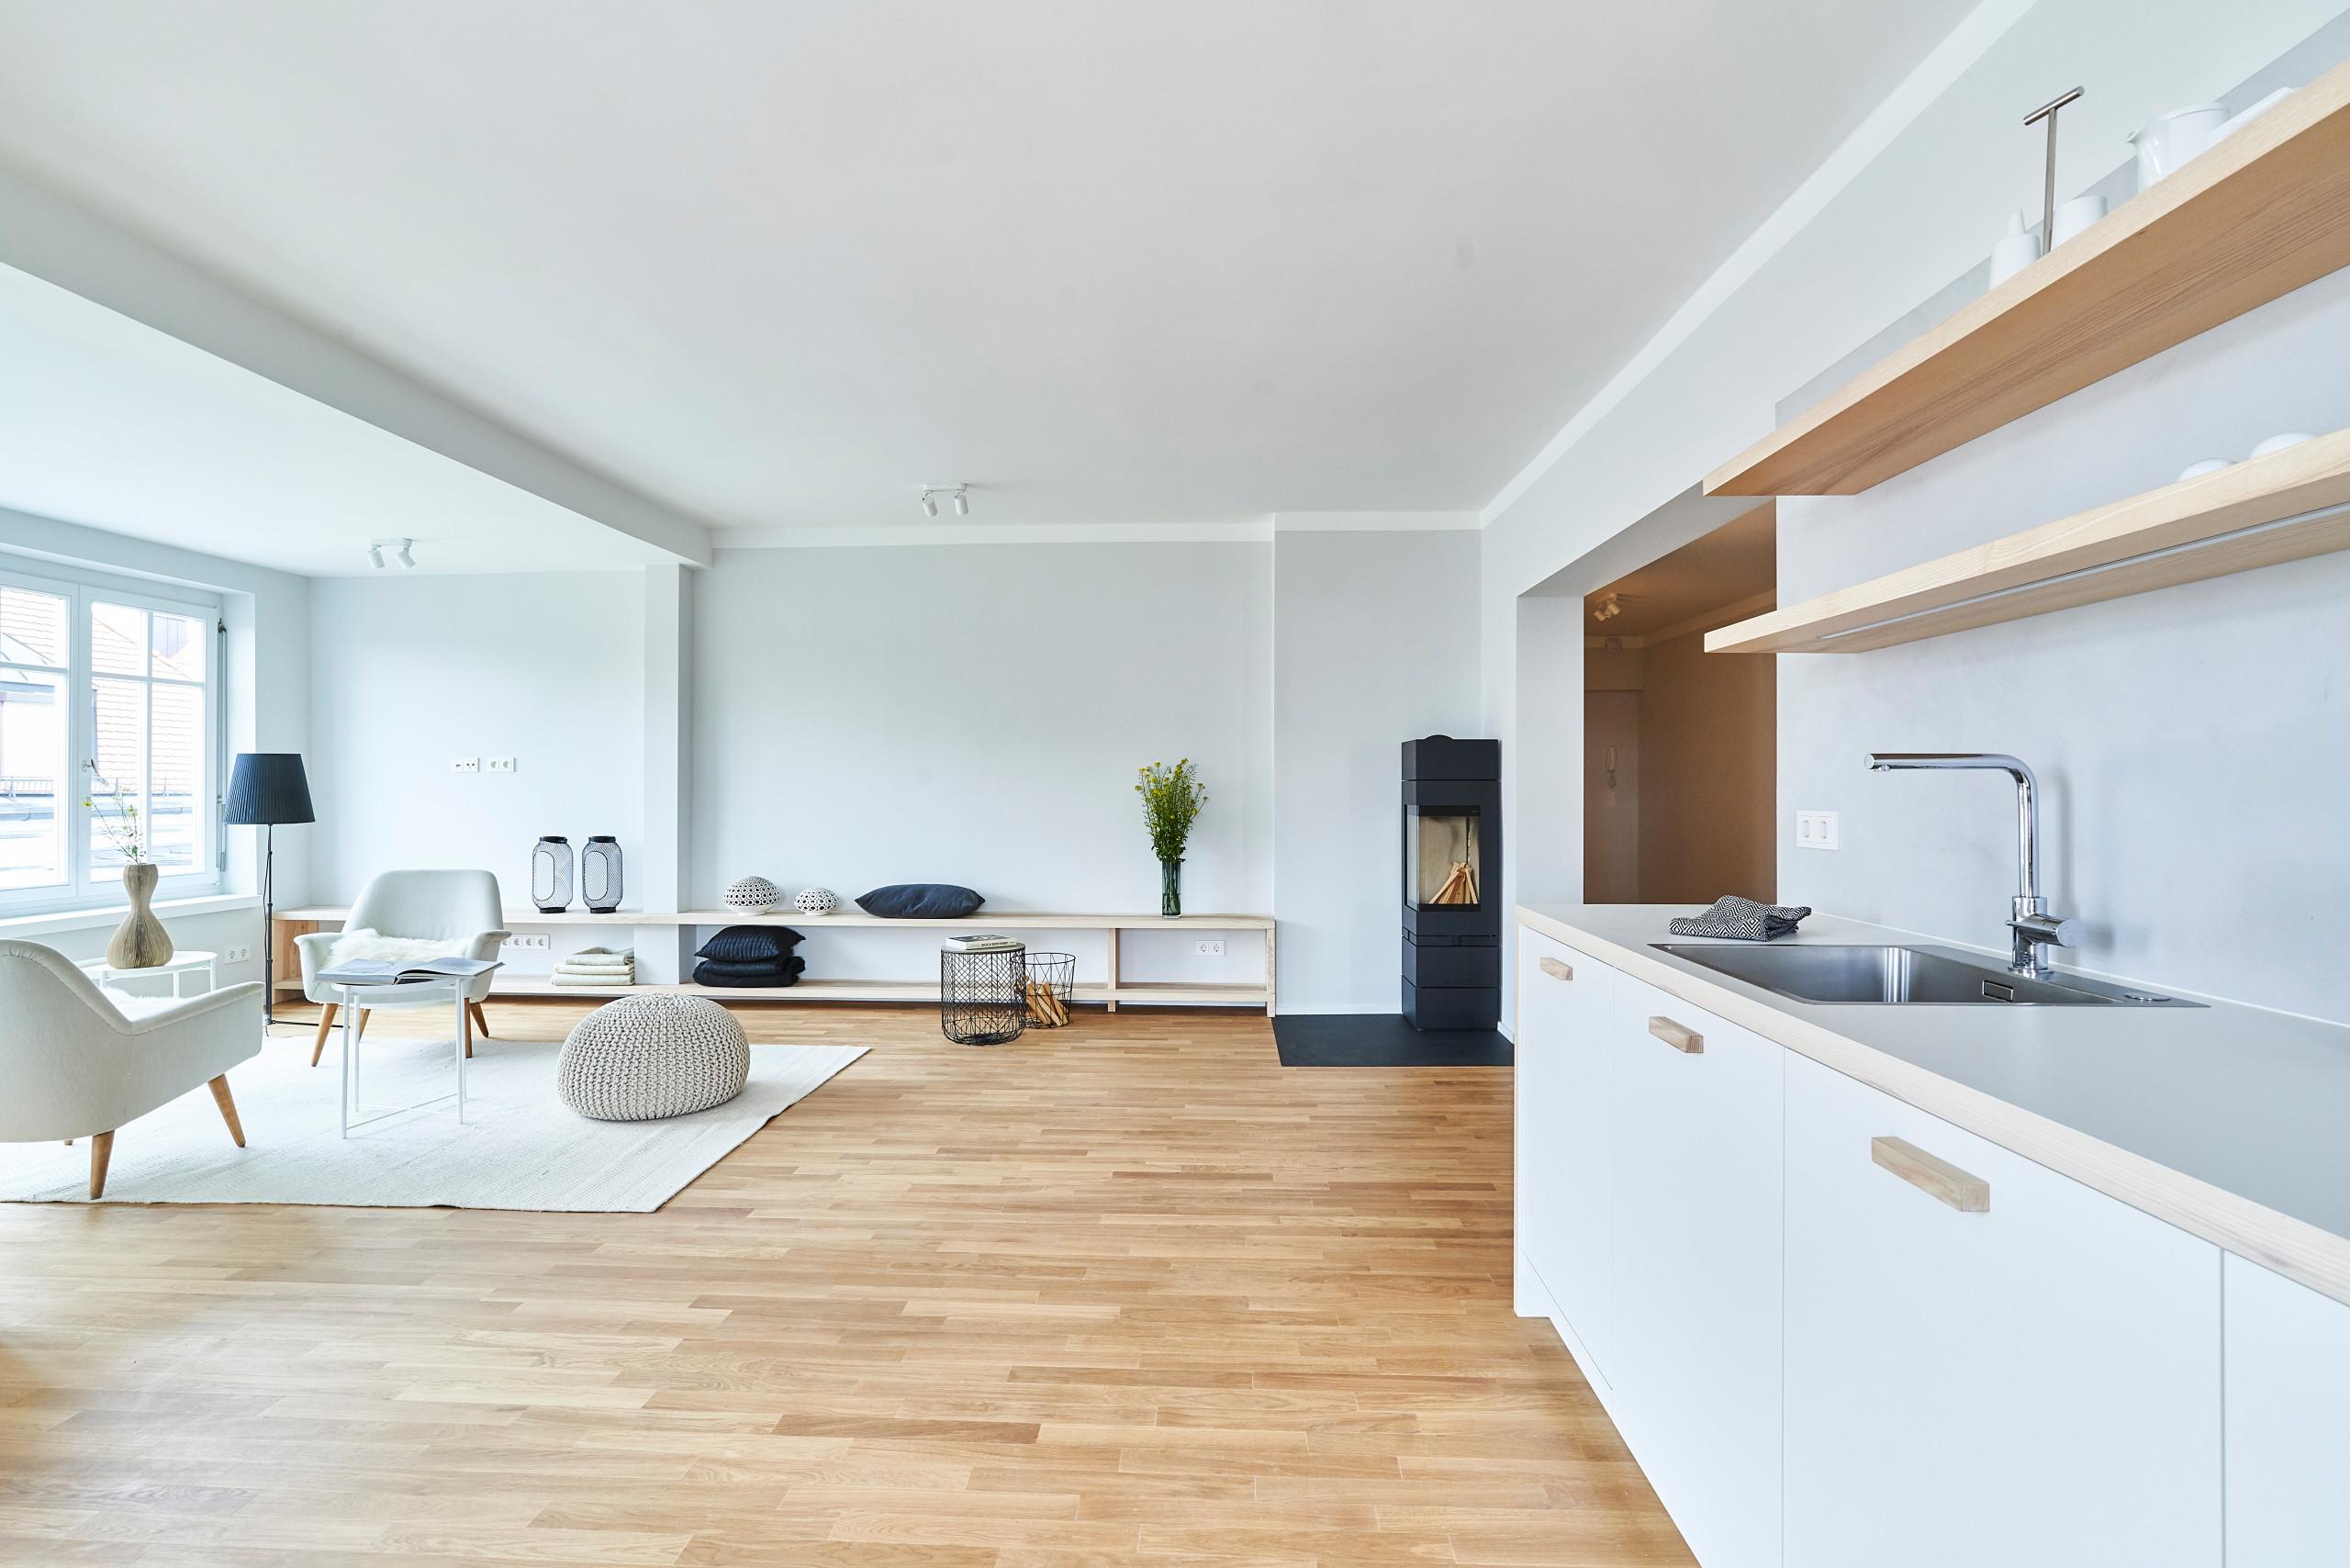 Bezug Küche zu offenem Wohnraum